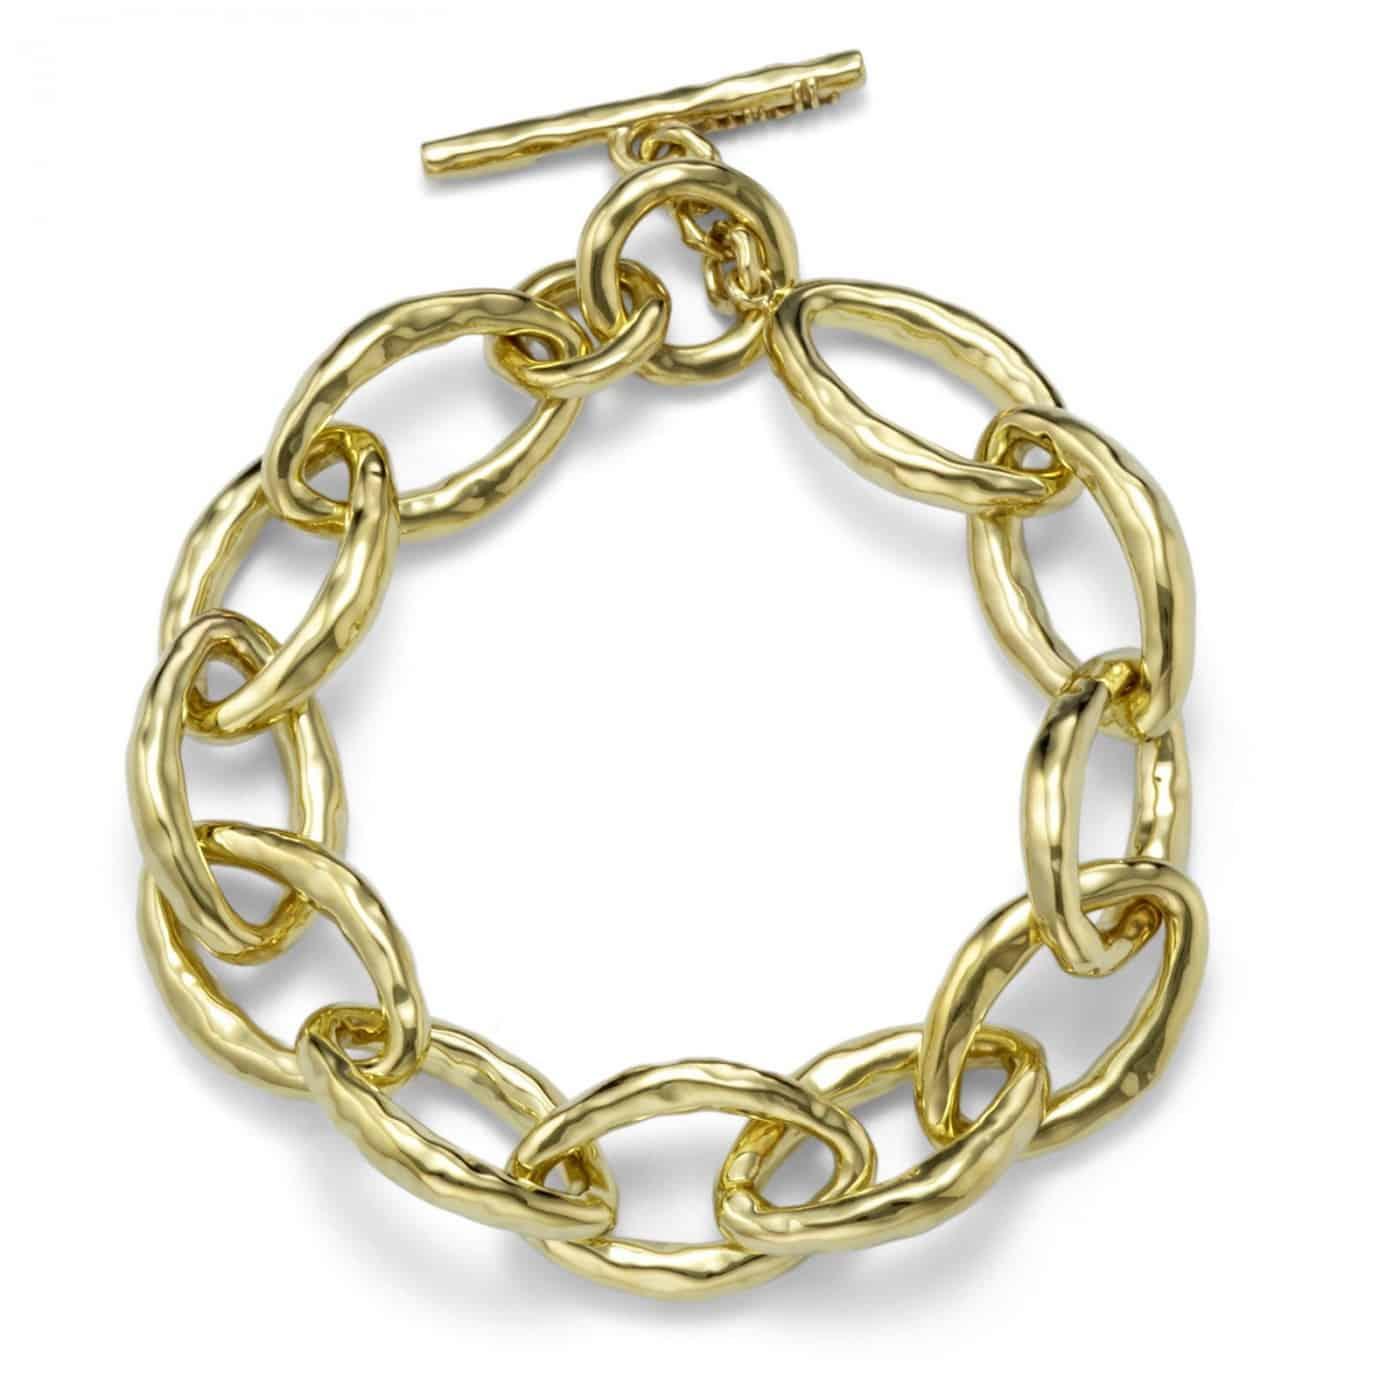 Glamazon 18kt Gold Bracelet